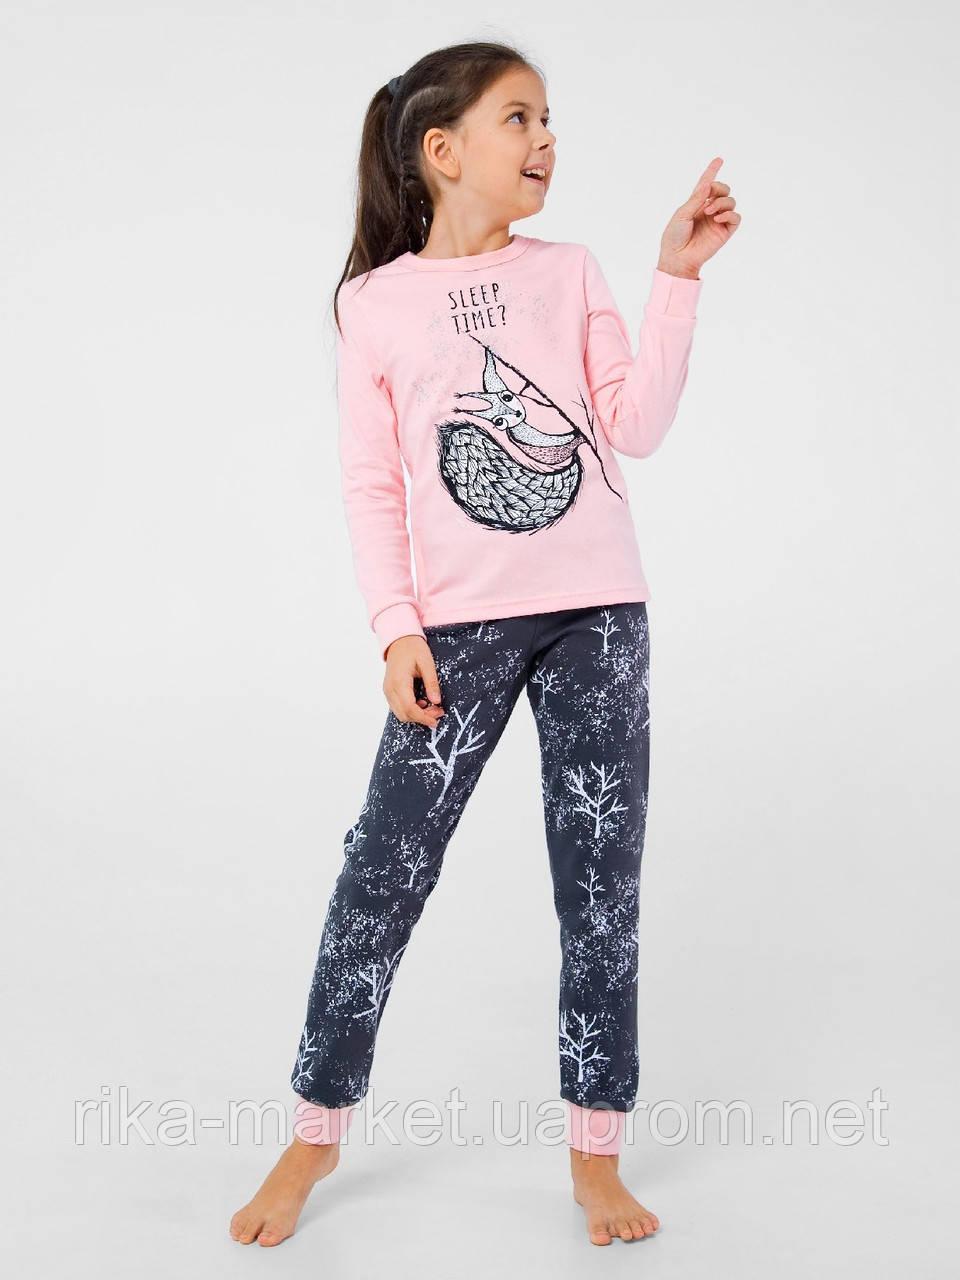 Пижама  для девочки ТМ Смил, арт.104498/104668, 7-14 лет